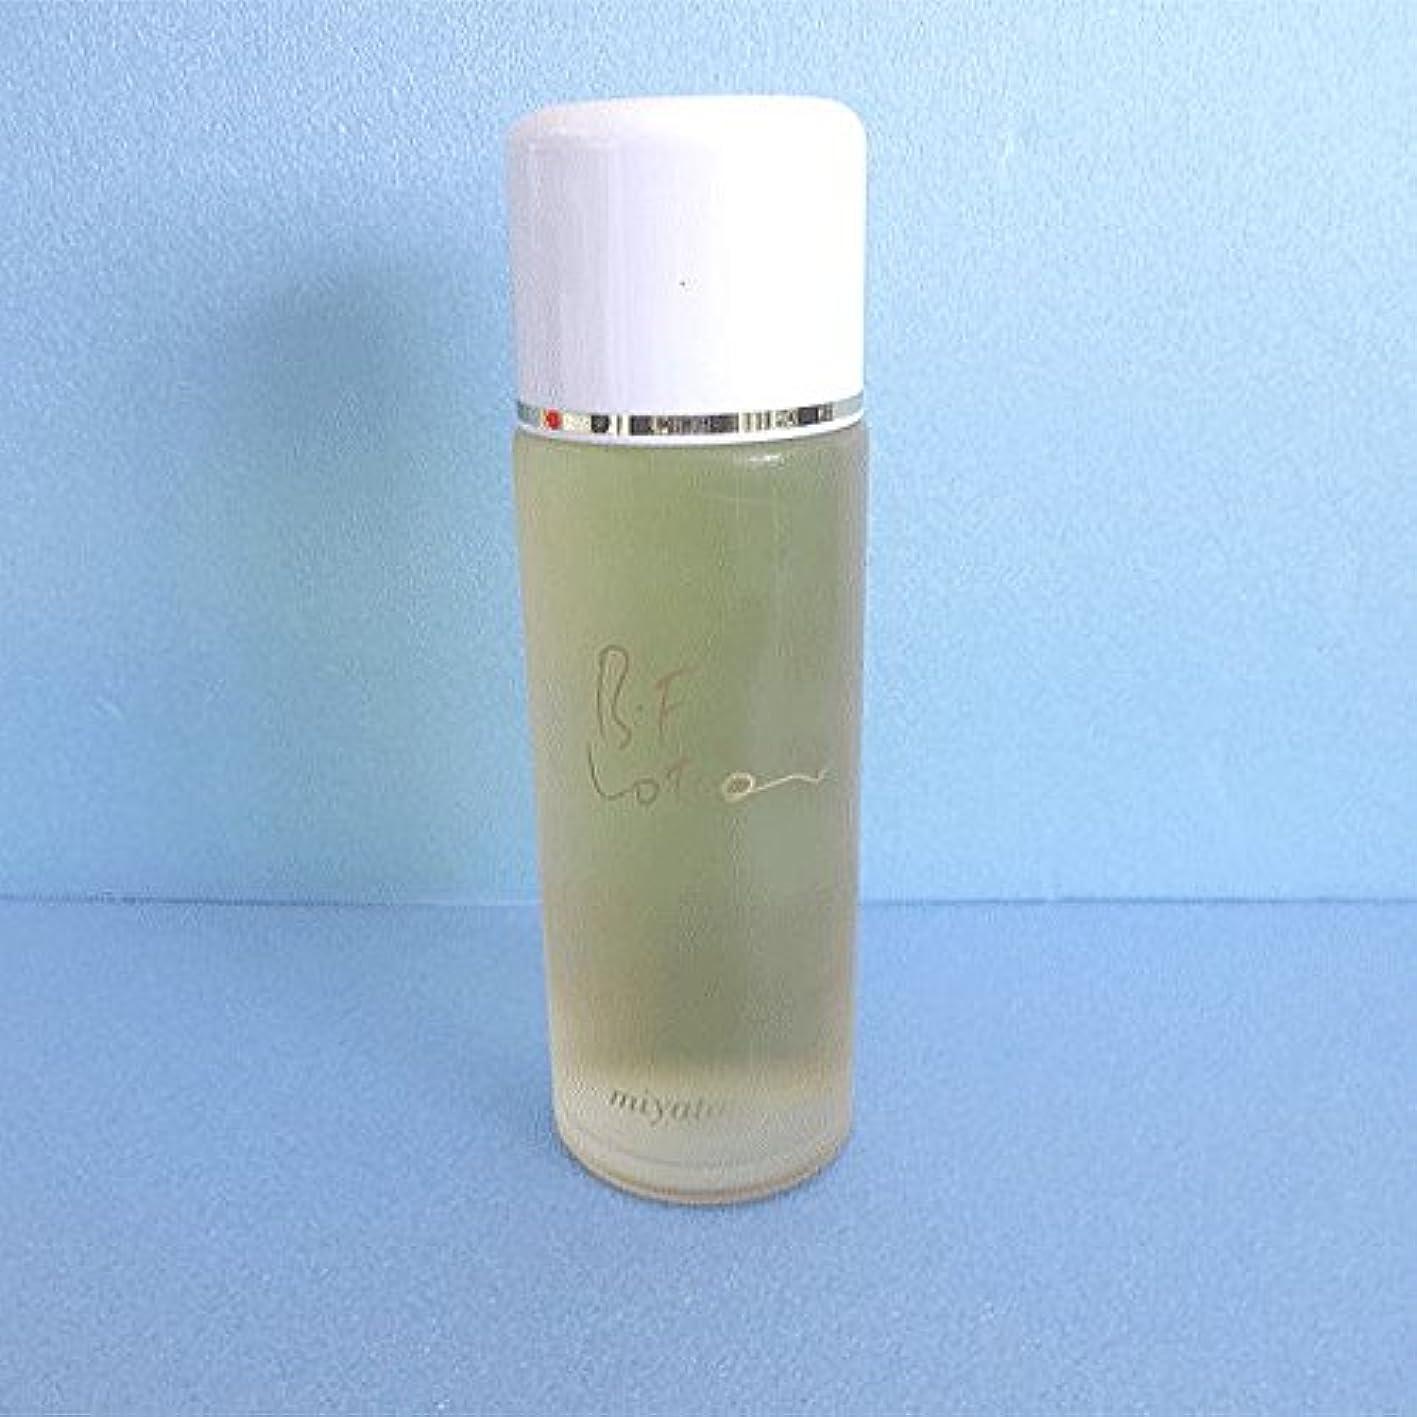 よろめくもろい活気づくビーエフ・ローション100ml×10本 天然野草の恵み、お肌の味方、自然化粧水。